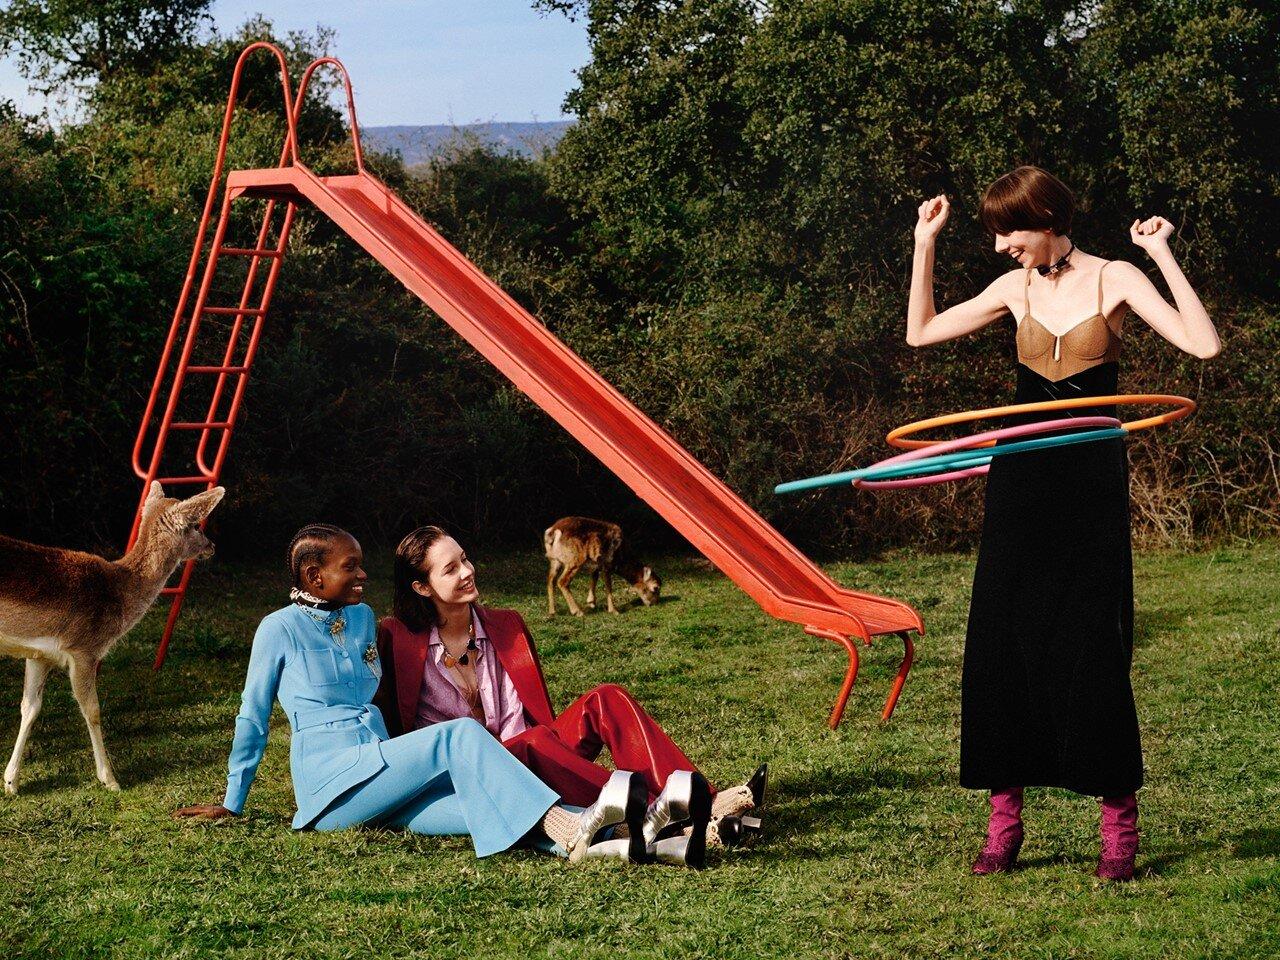 Alasdair McLellan Gucci Pre-Fall 2020 Campaign (12).jpg